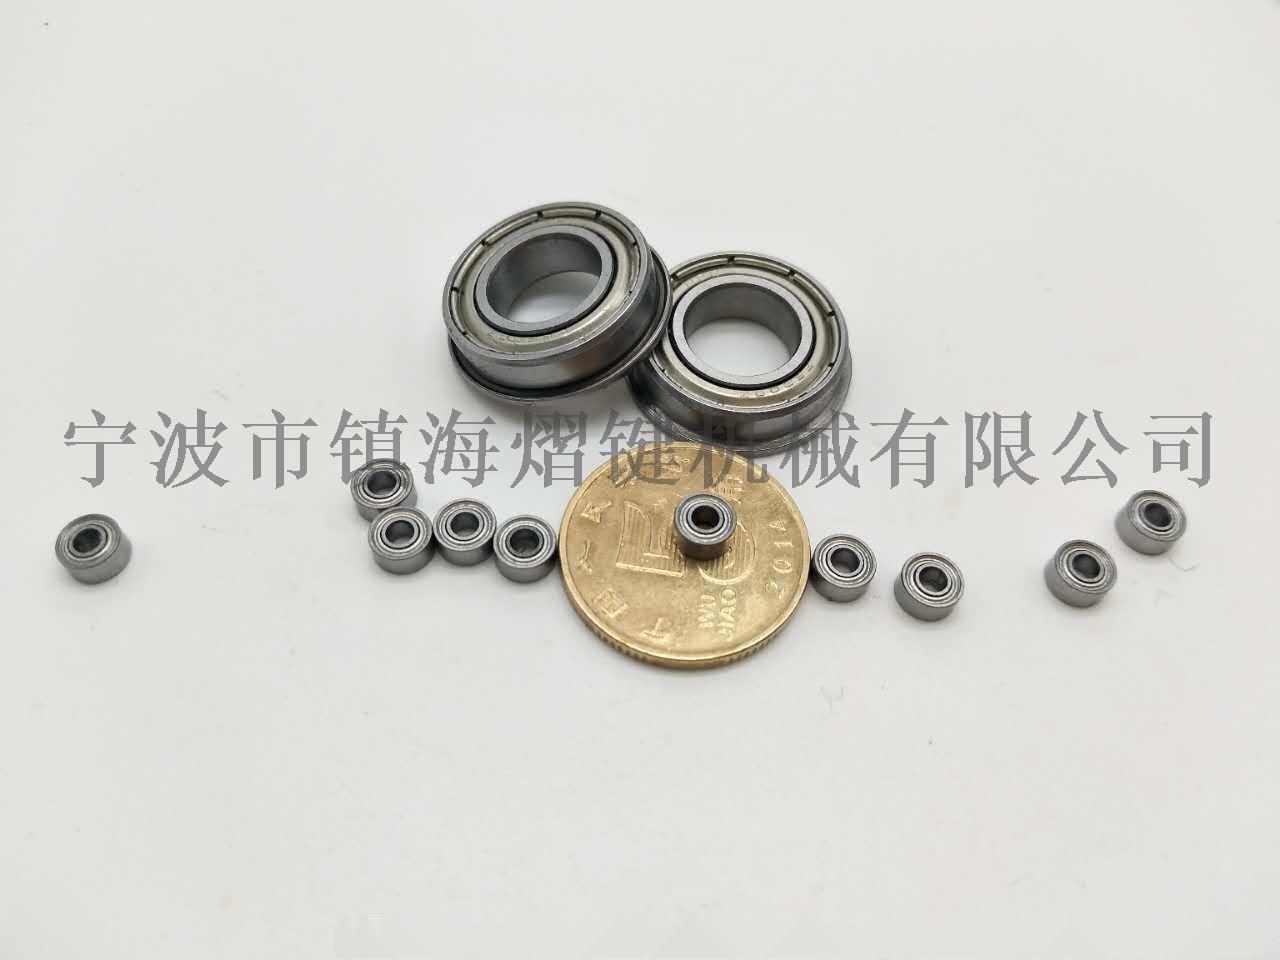 供应不锈钢686ZZ耐腐性强不锈钢、微型法兰轴承57680212